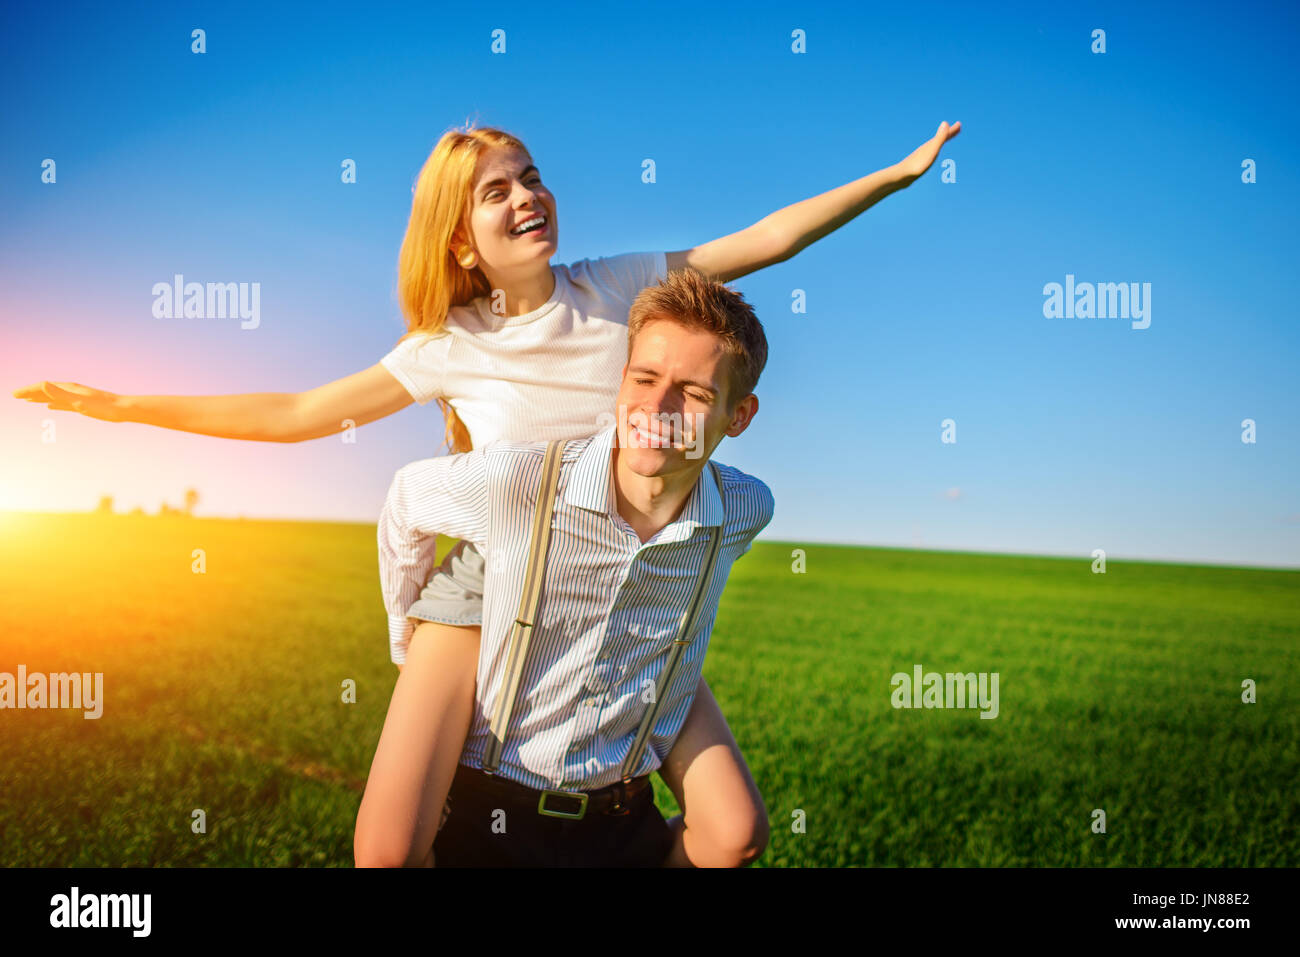 Lächelnd Mann hält auf seinem zurück glücklich Frau, zieht seine Arme und simuliert einen Flug vor dem Hintergrund des blauen Himmels und das Grün fie Stockbild